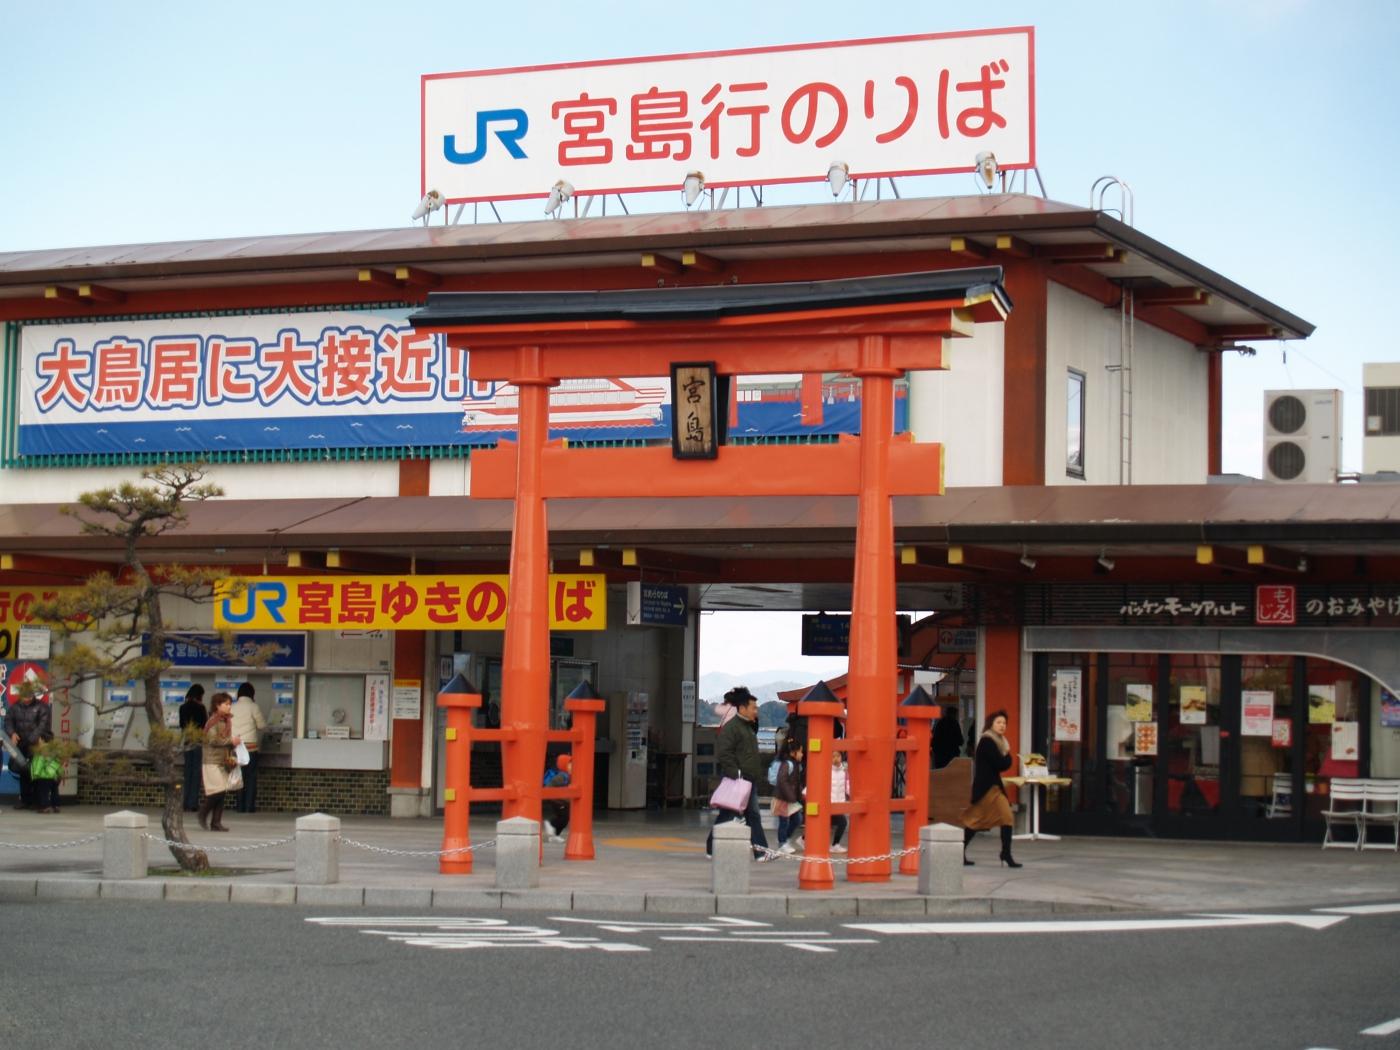 Alleneklim - 日本之宫島_图1-2